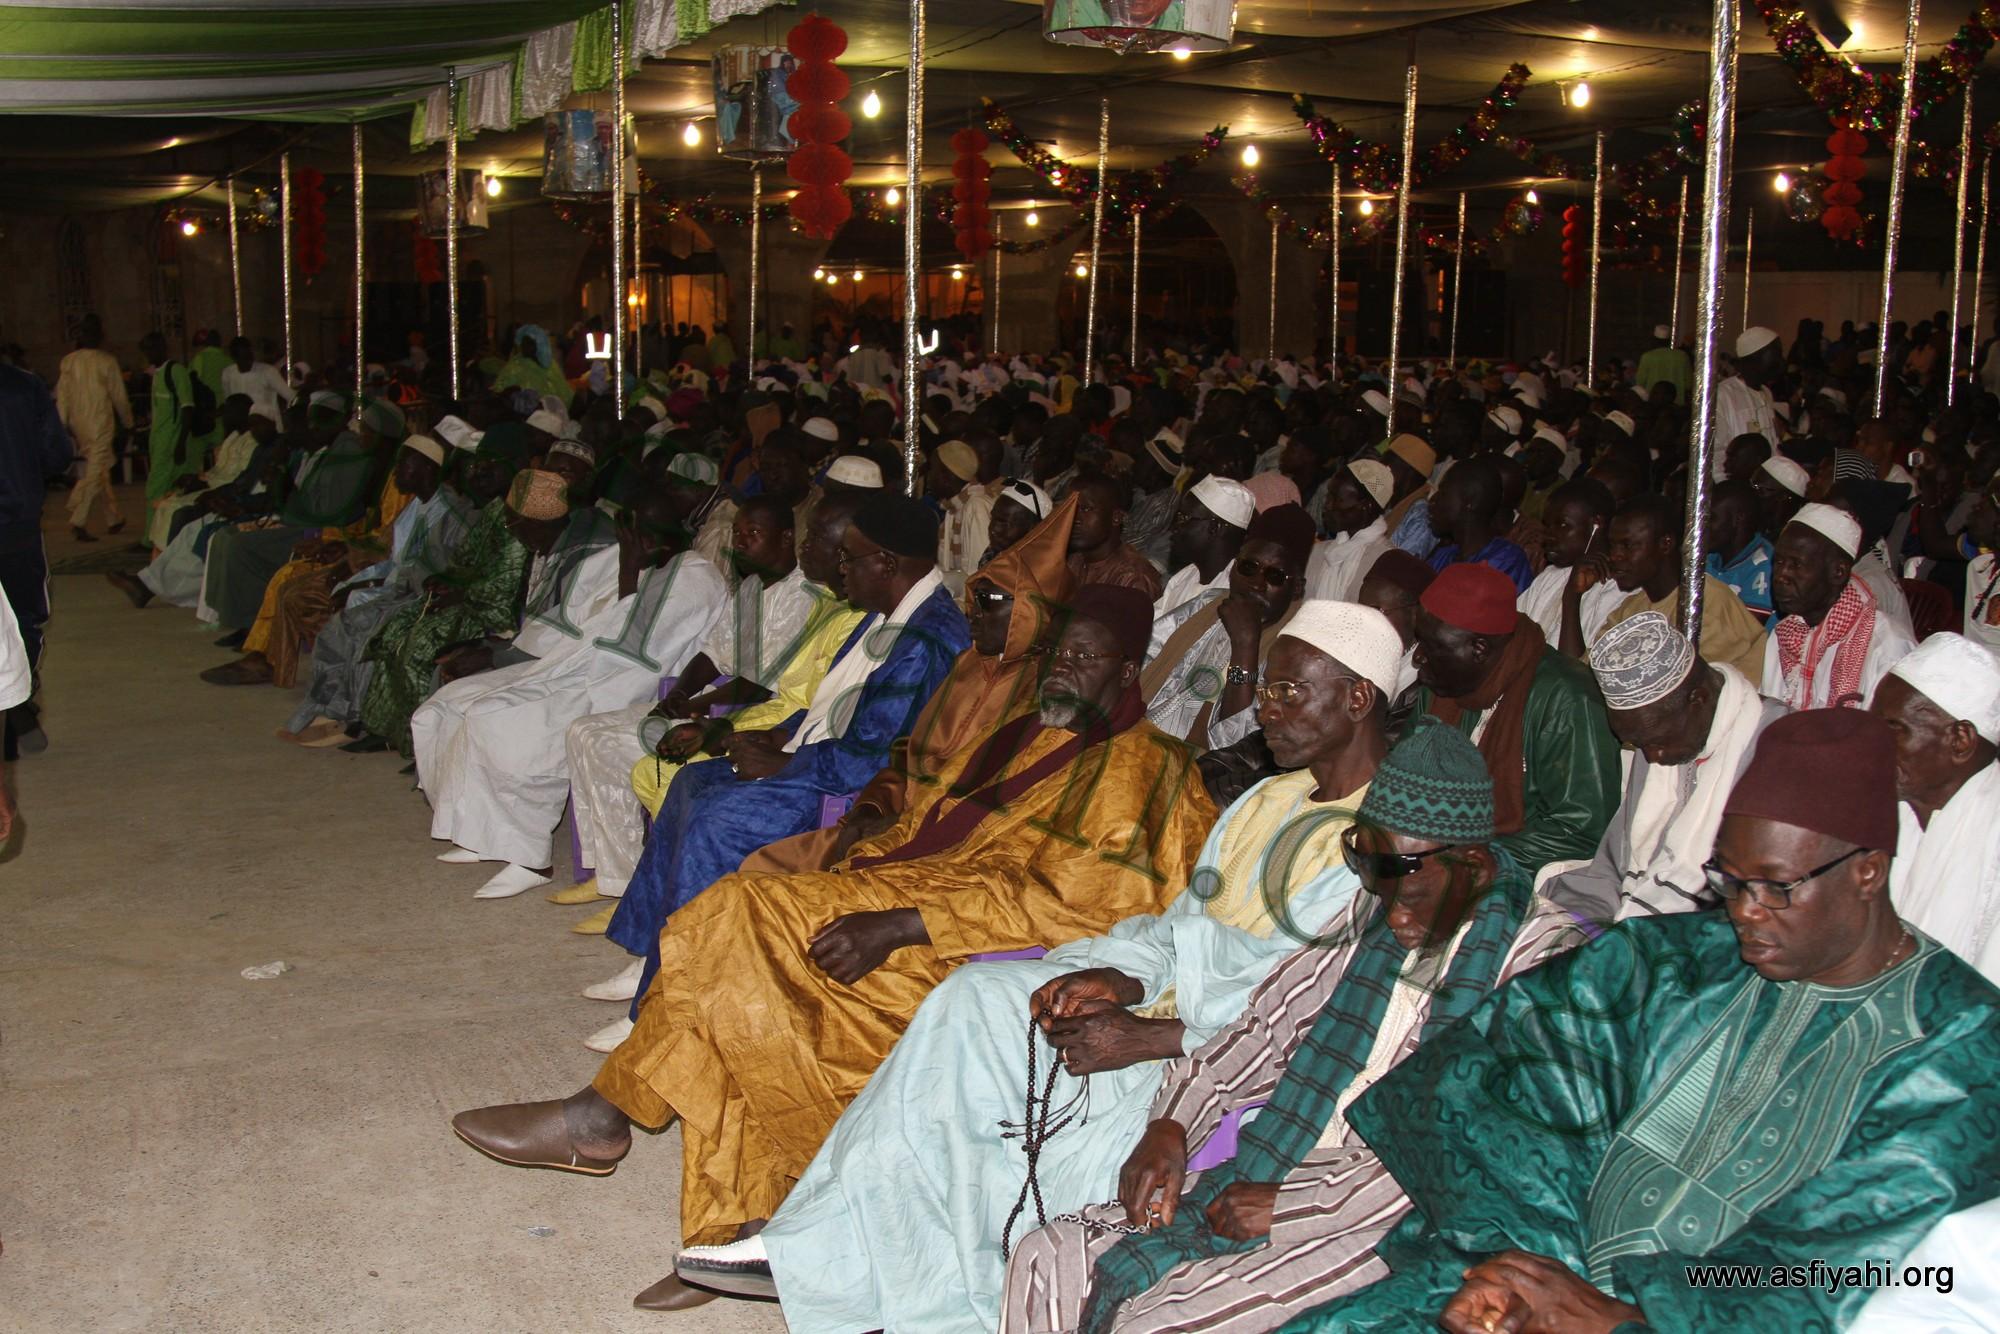 """PHOTOS - Les Images du Gamou de Sokhna Oumou Khairy Sy Borom Wagne Wi de ce Samedi 11 Avril 2015 (Veille Ziarre Generale"""""""